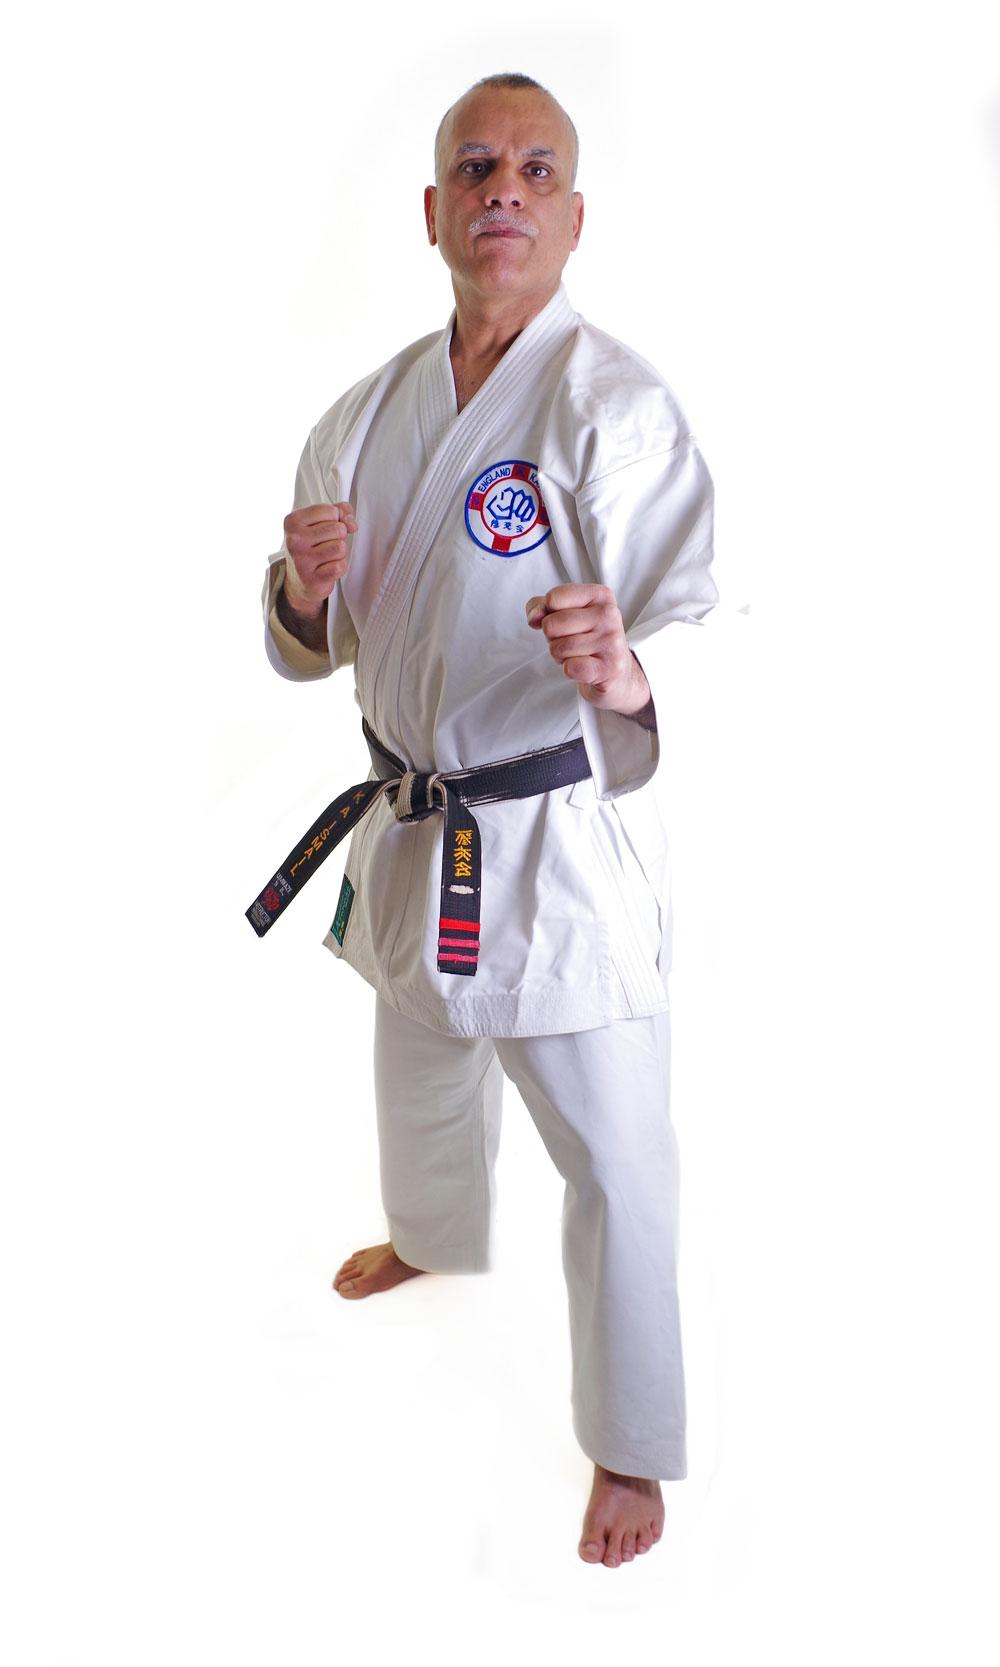 pendle karate Khurshid